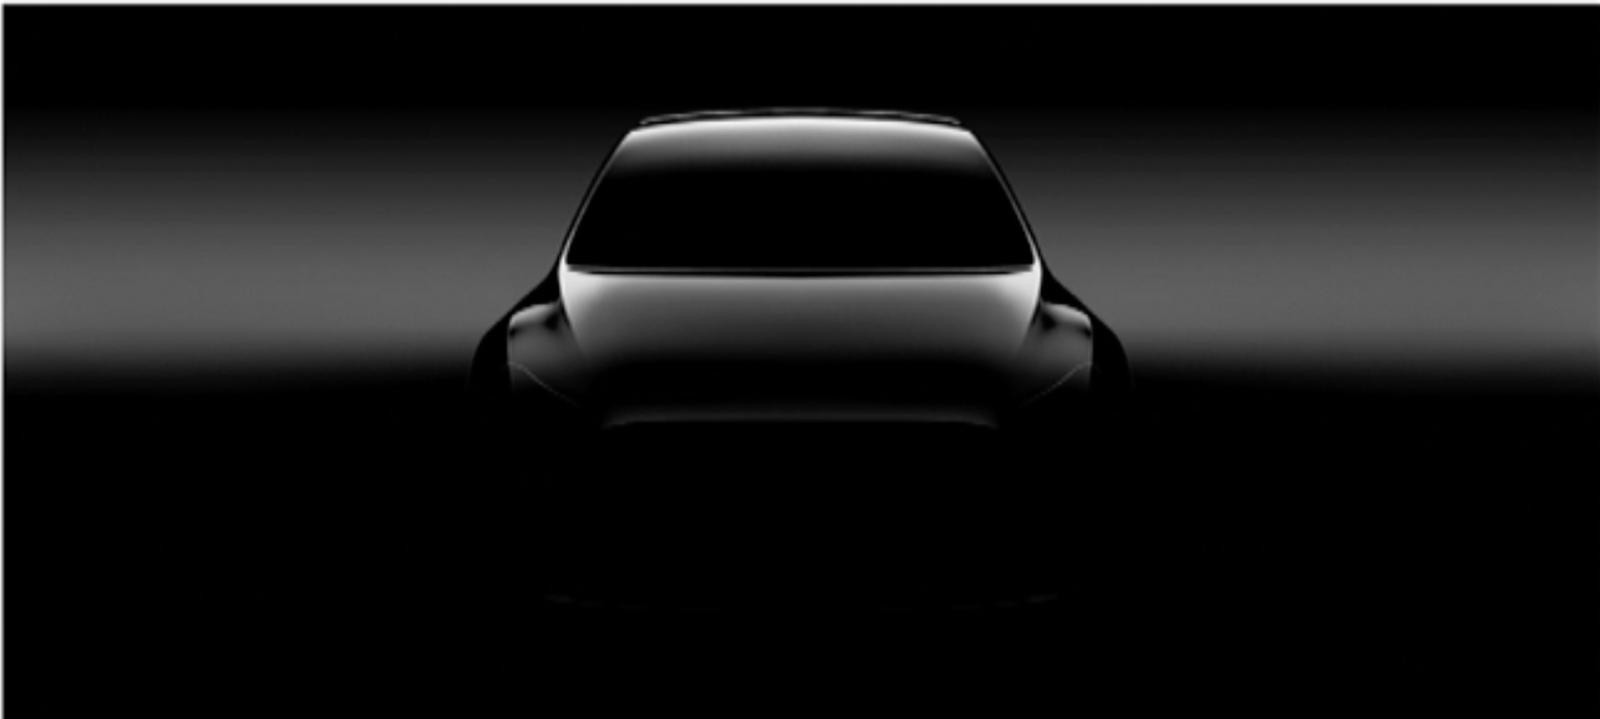 Tesla Model Y : des documents nous en disent plus sur sa production et son habitacle intérieur